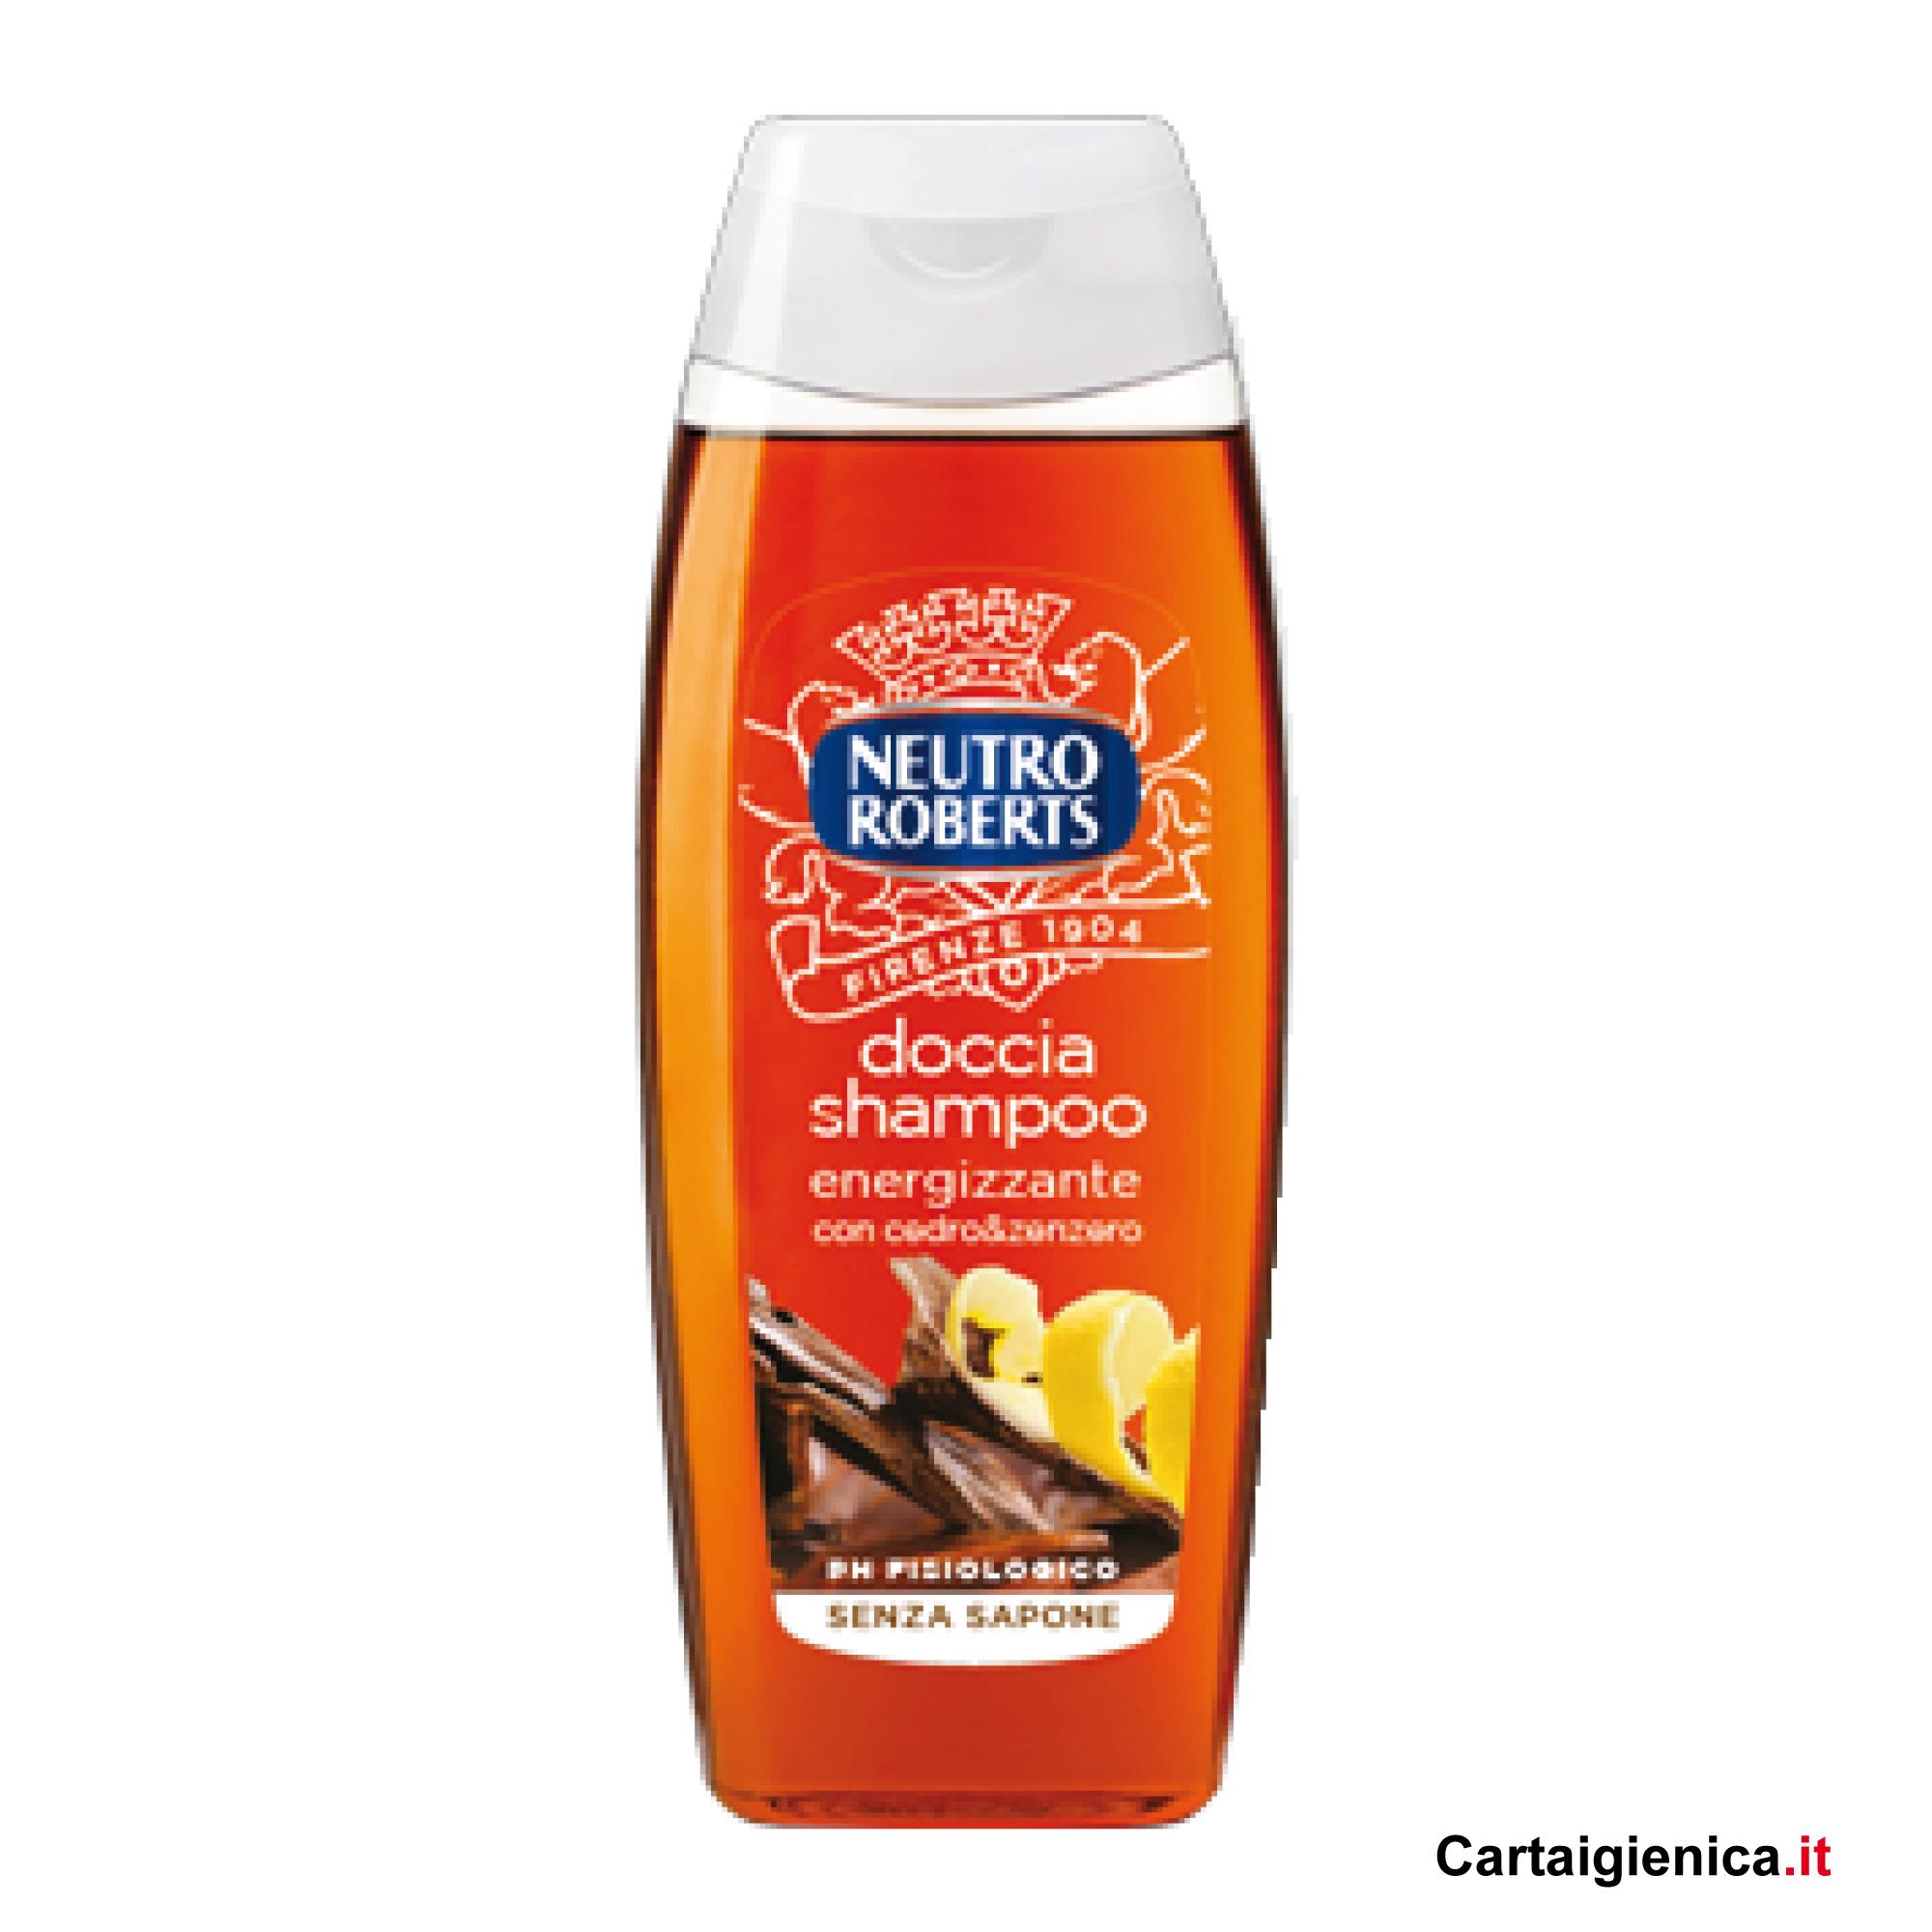 neutro roberts doccia shampoo energizzante